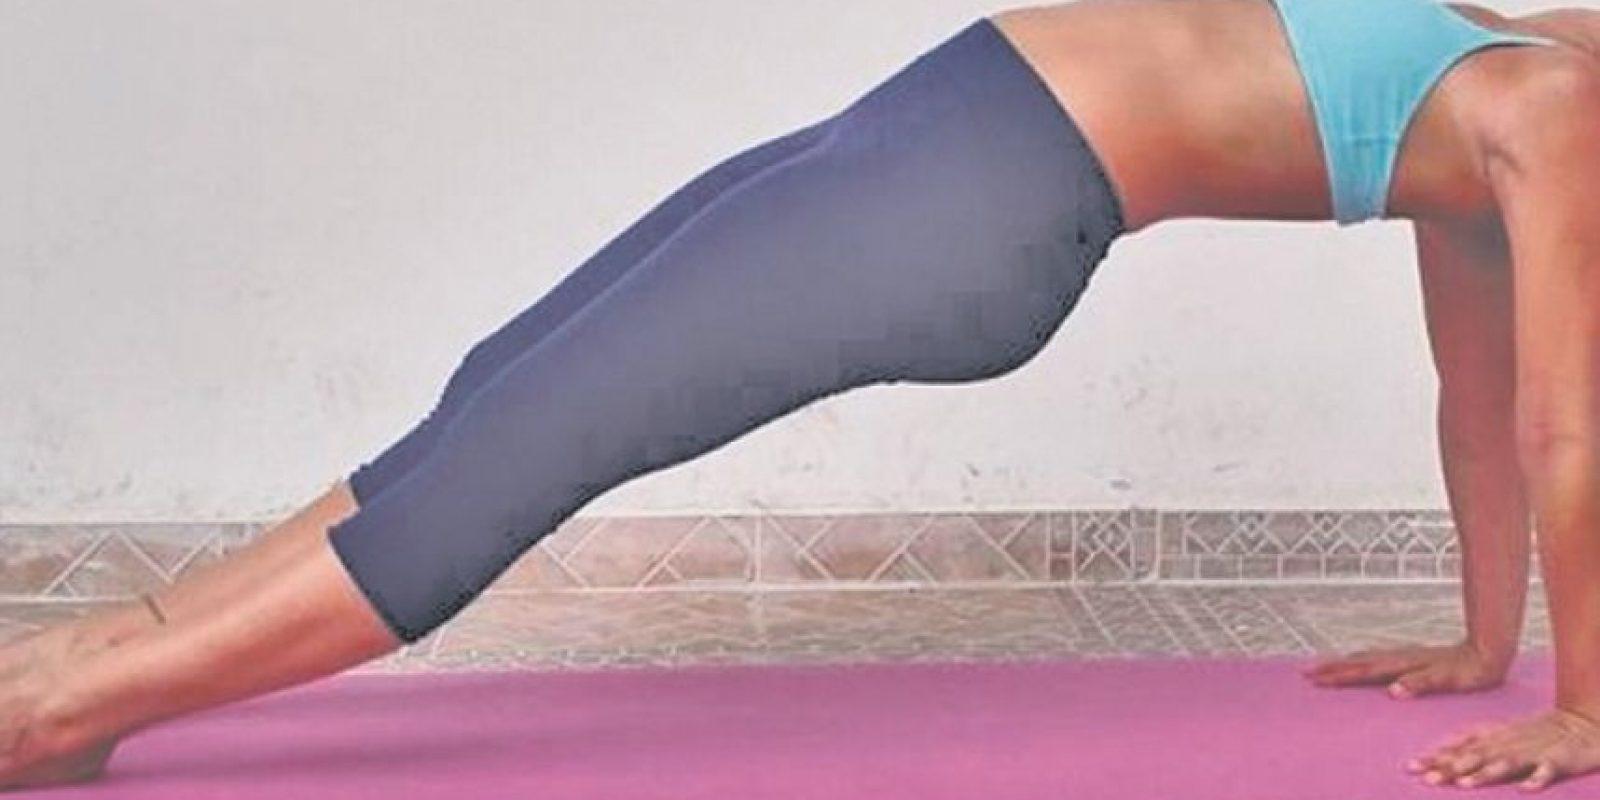 Seated forward bend: Preparación: Nos sentamos con las piernas estiradas. Al exhalar llevamos el pecho hacia las rodillas, agarrando con las manos los pies. En cada exhalación llevamos el pecho más cerca de las rodillas. Aguantamos la posición por unos 30 segundos.Beneficios:Le da calma a la menteAlivia el estrésEstira la columna, los hombros y el bíceps femoralEstimula los riñones, los ovarios y el útero Mejora la digestión Alivia dolores menstruales y de menopausia Mejora los dolores de cabeza, la ansiedad y reduce la fatiga Foto:Fuente Externa